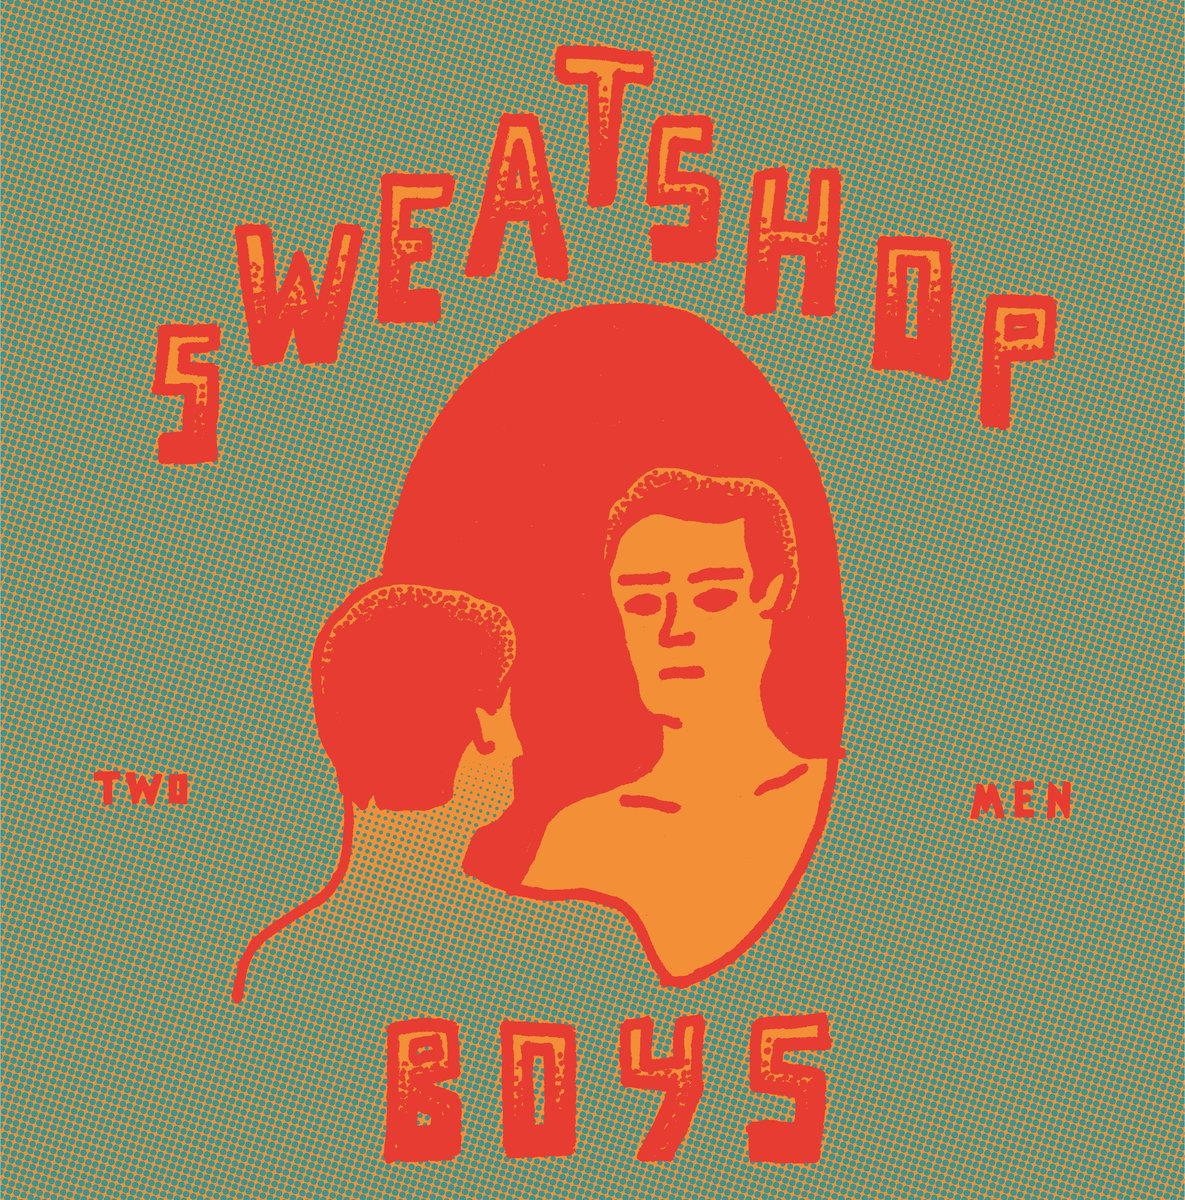 SWEATSHOP BOYS TWO MEN